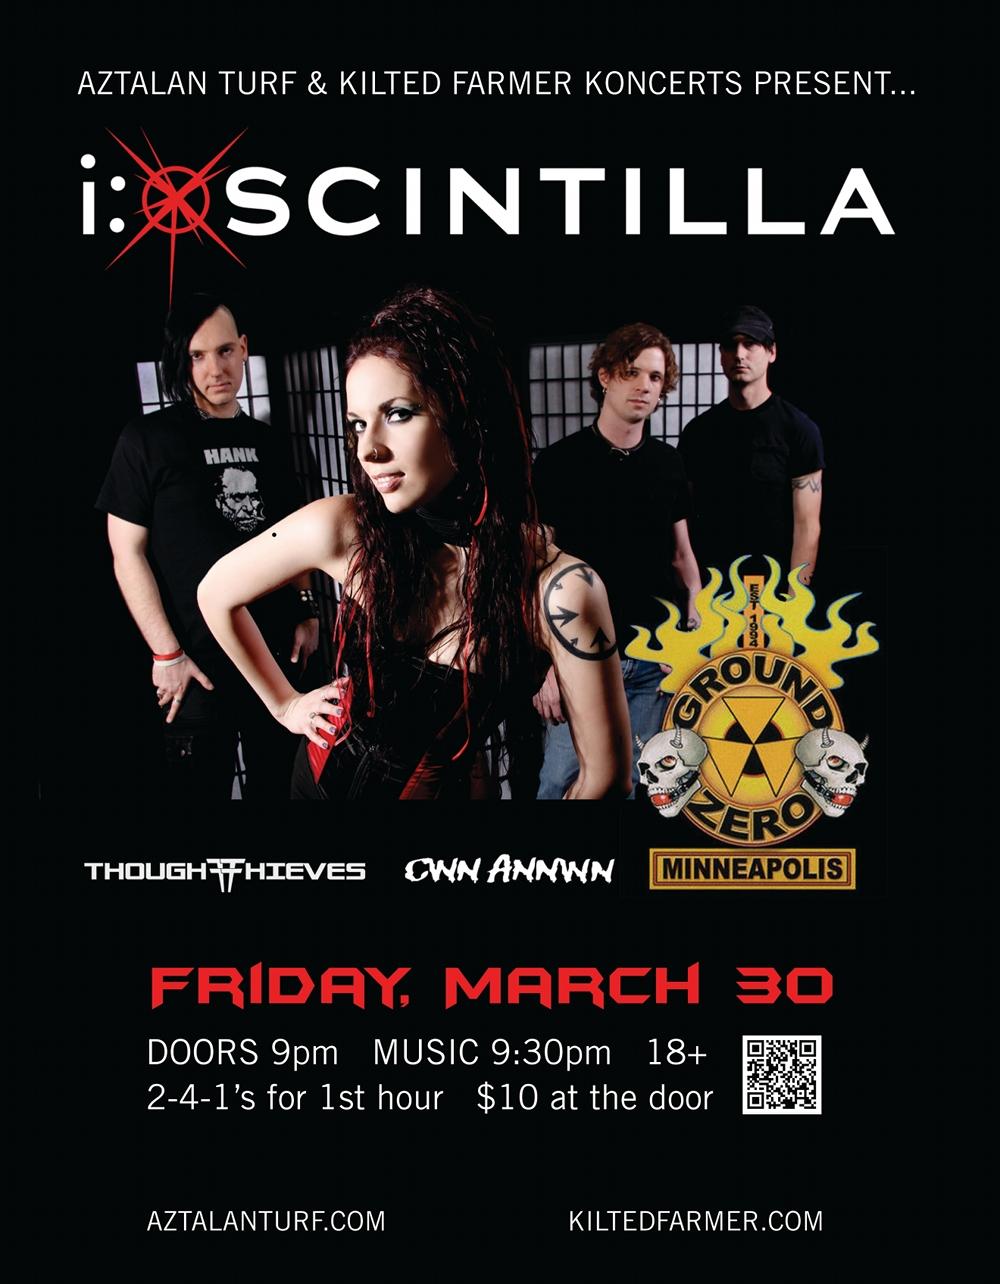 I:Scintilla March 30 Ground Zero flyer